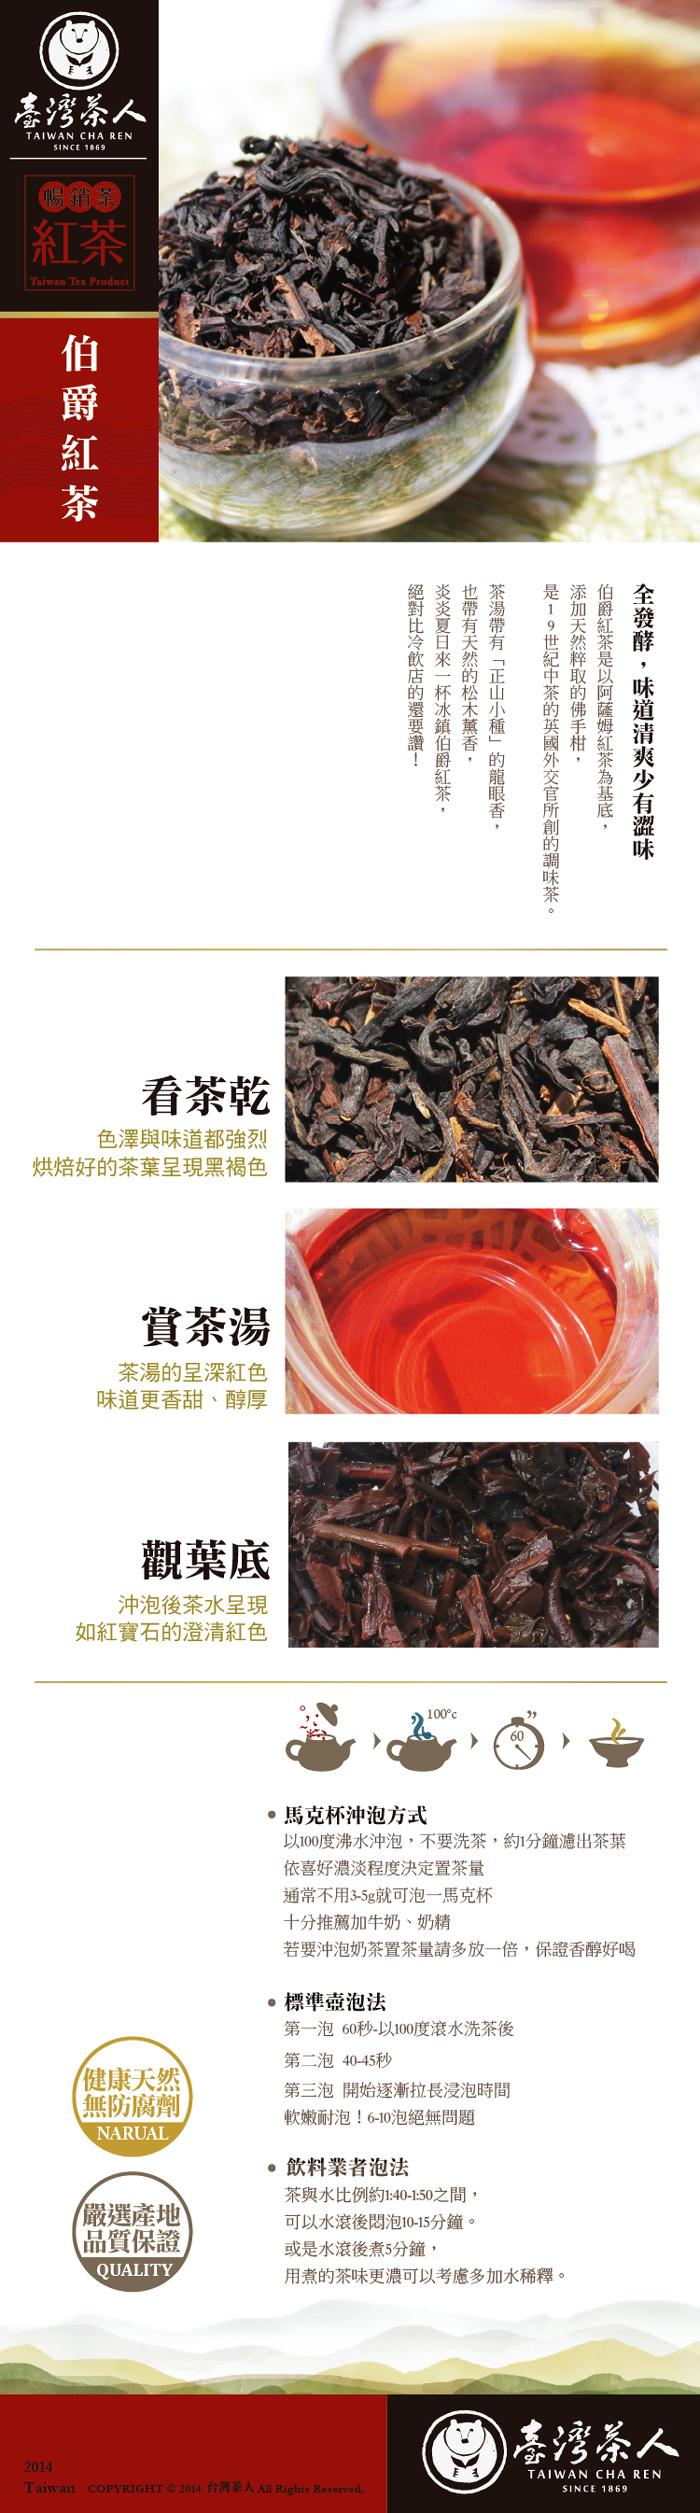 【台灣茶人】伯爵紅茶│買五斤送半斤